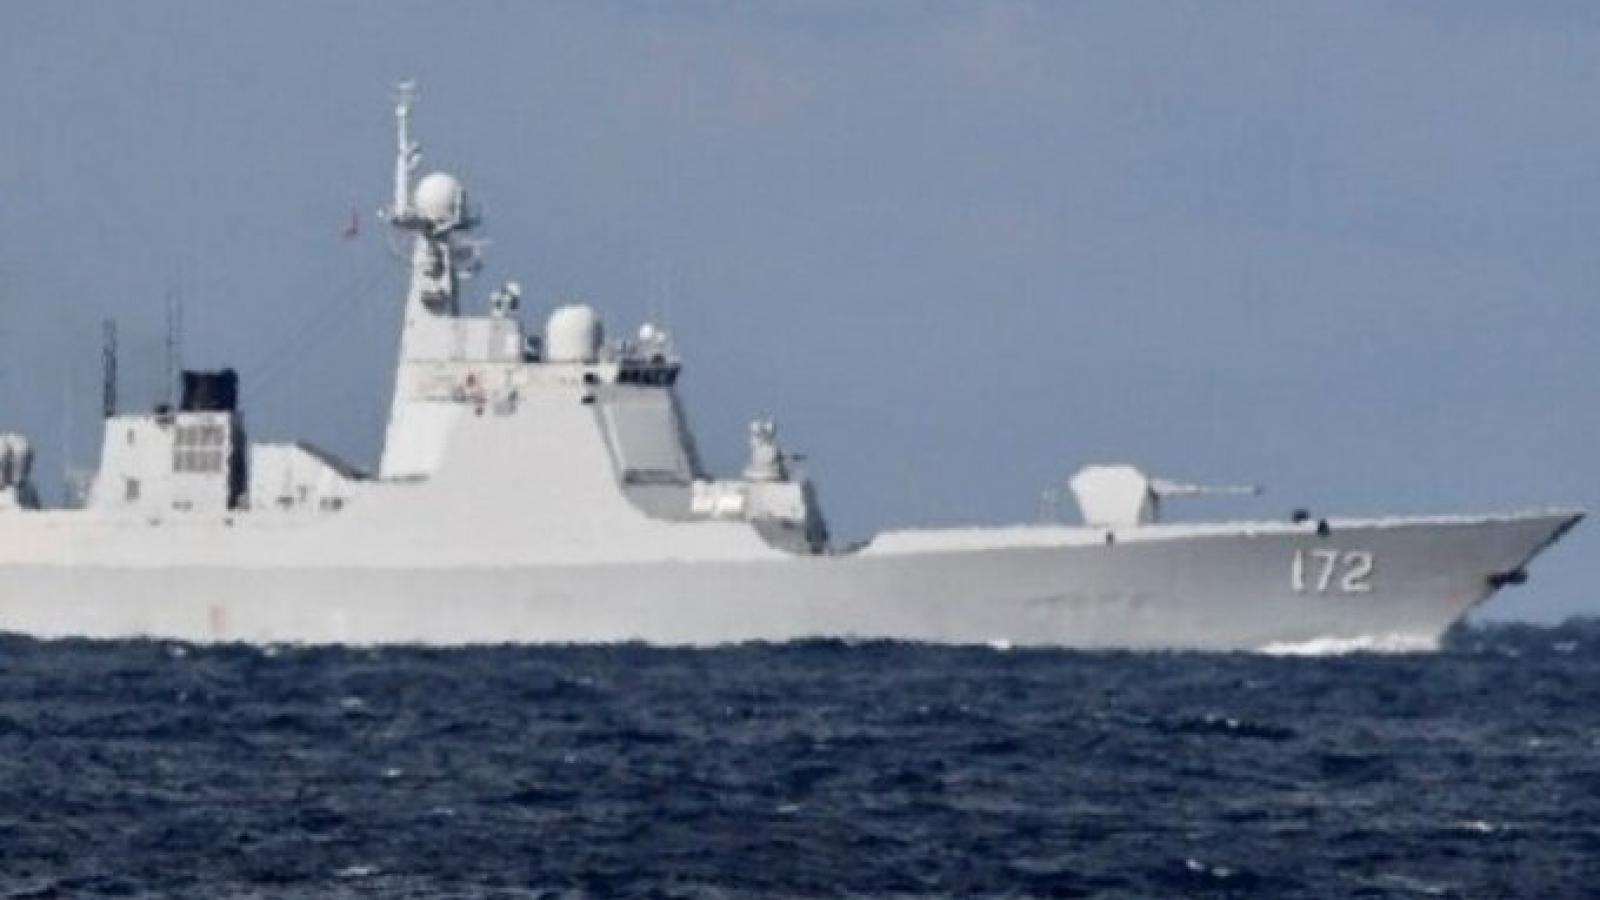 Toan tính của Nga-Trung Quốc khi cùng lúc điều tàu chiến qua eo biển gần Nhật Bản